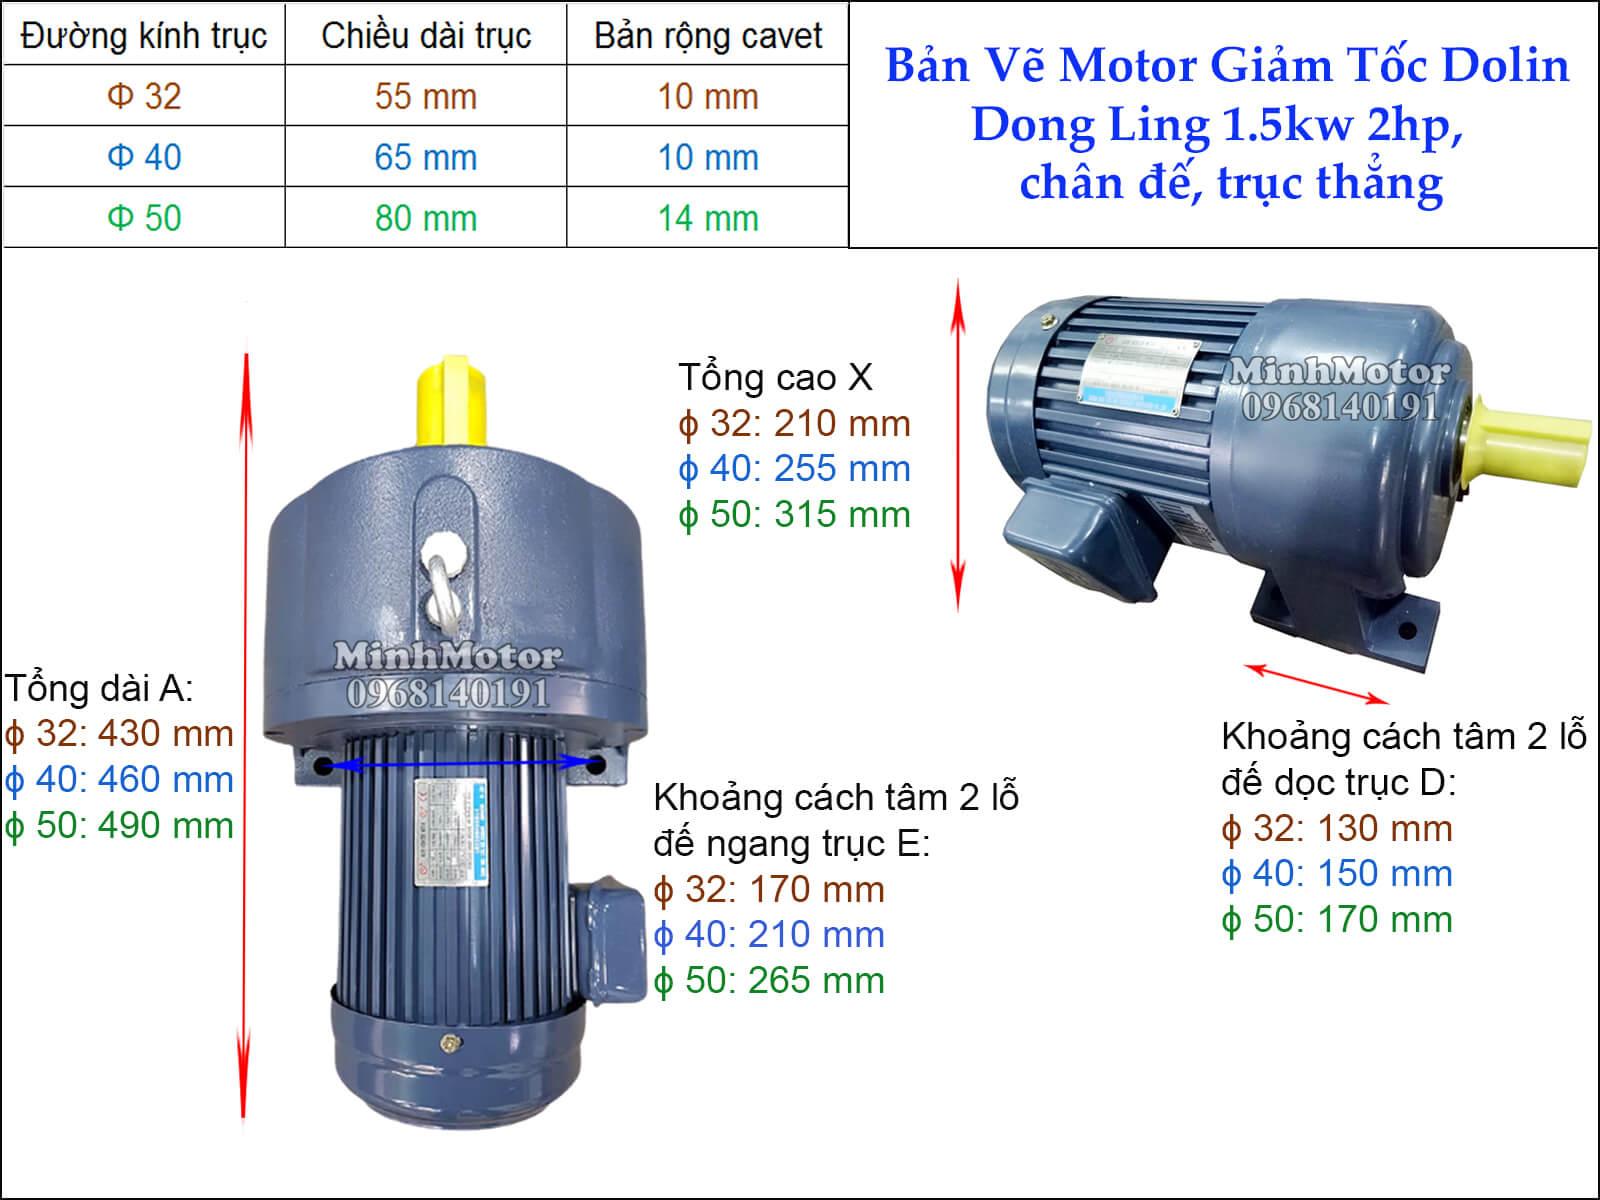 Motor giảm tốc Dolin 1.5kw 2hp DLSH chân đế trục thẳng